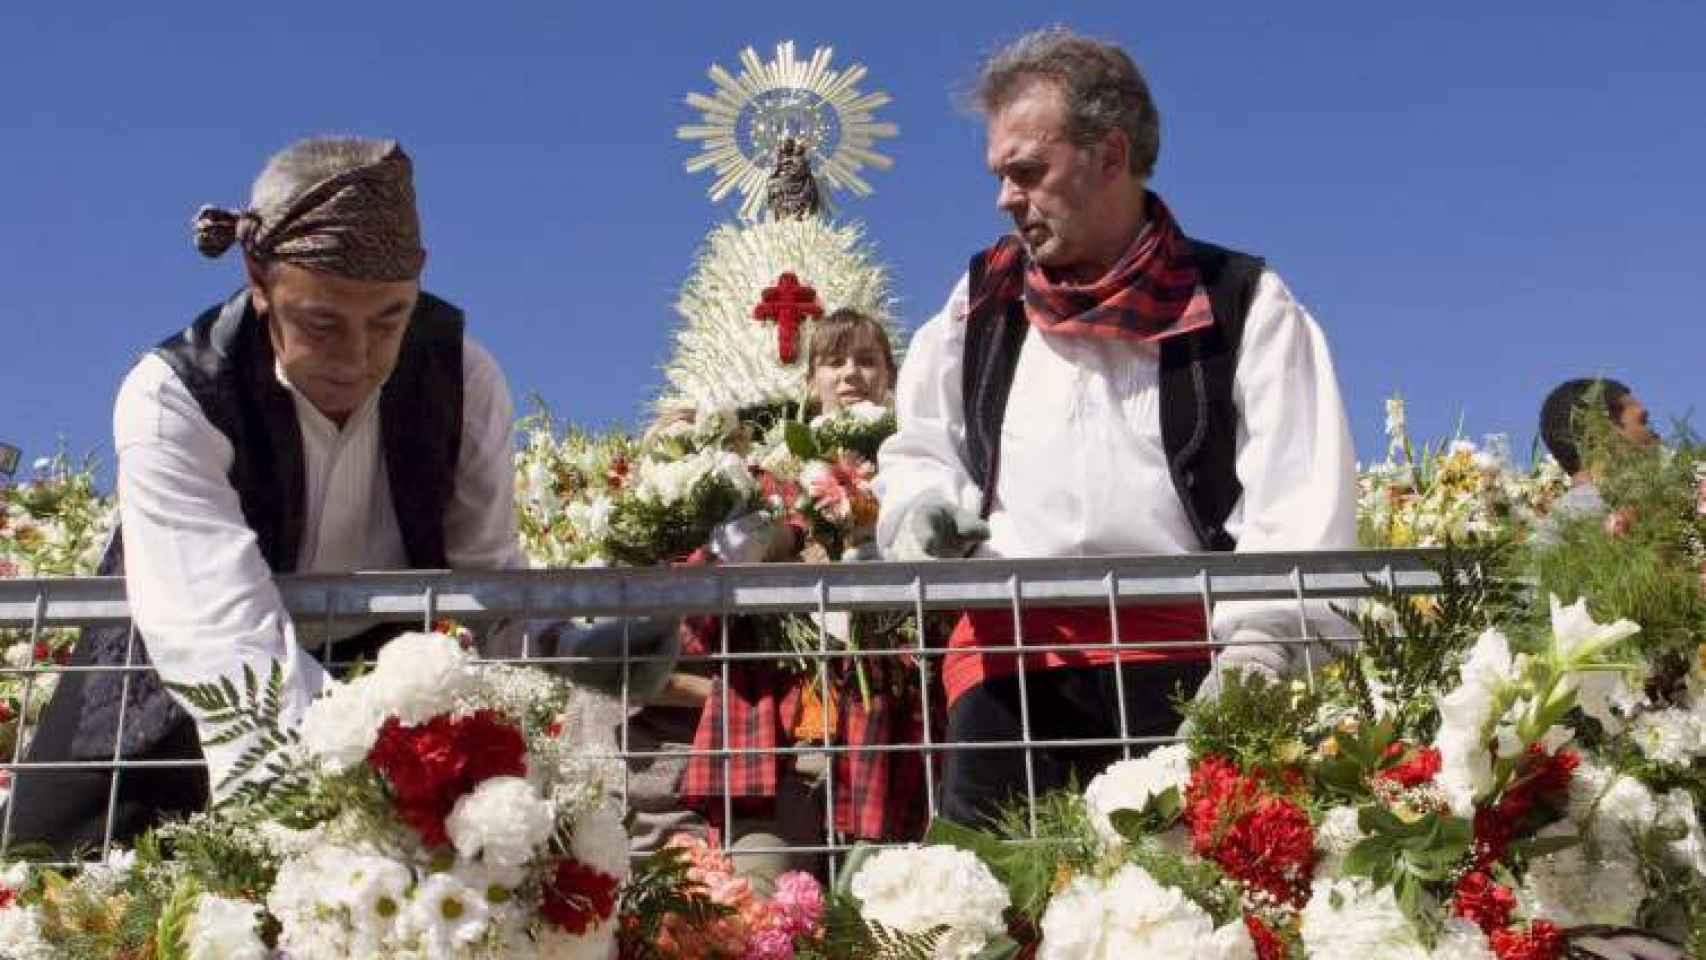 Voluntarios colocan flores en el manto de la Virgen